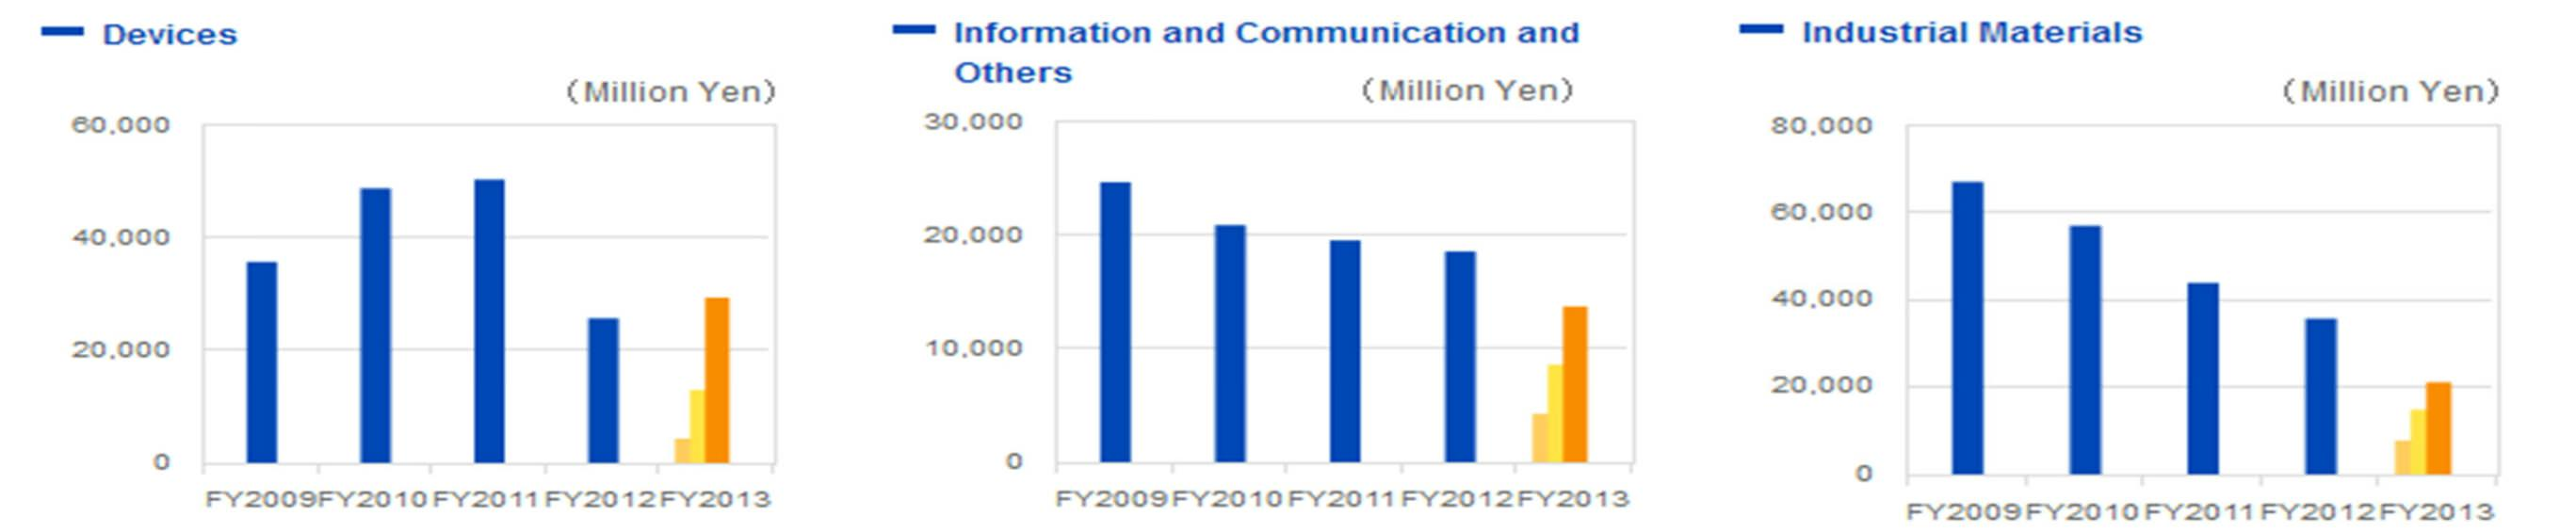 圖四 日本寫真印刷營收情況與三大業務部門營收變動